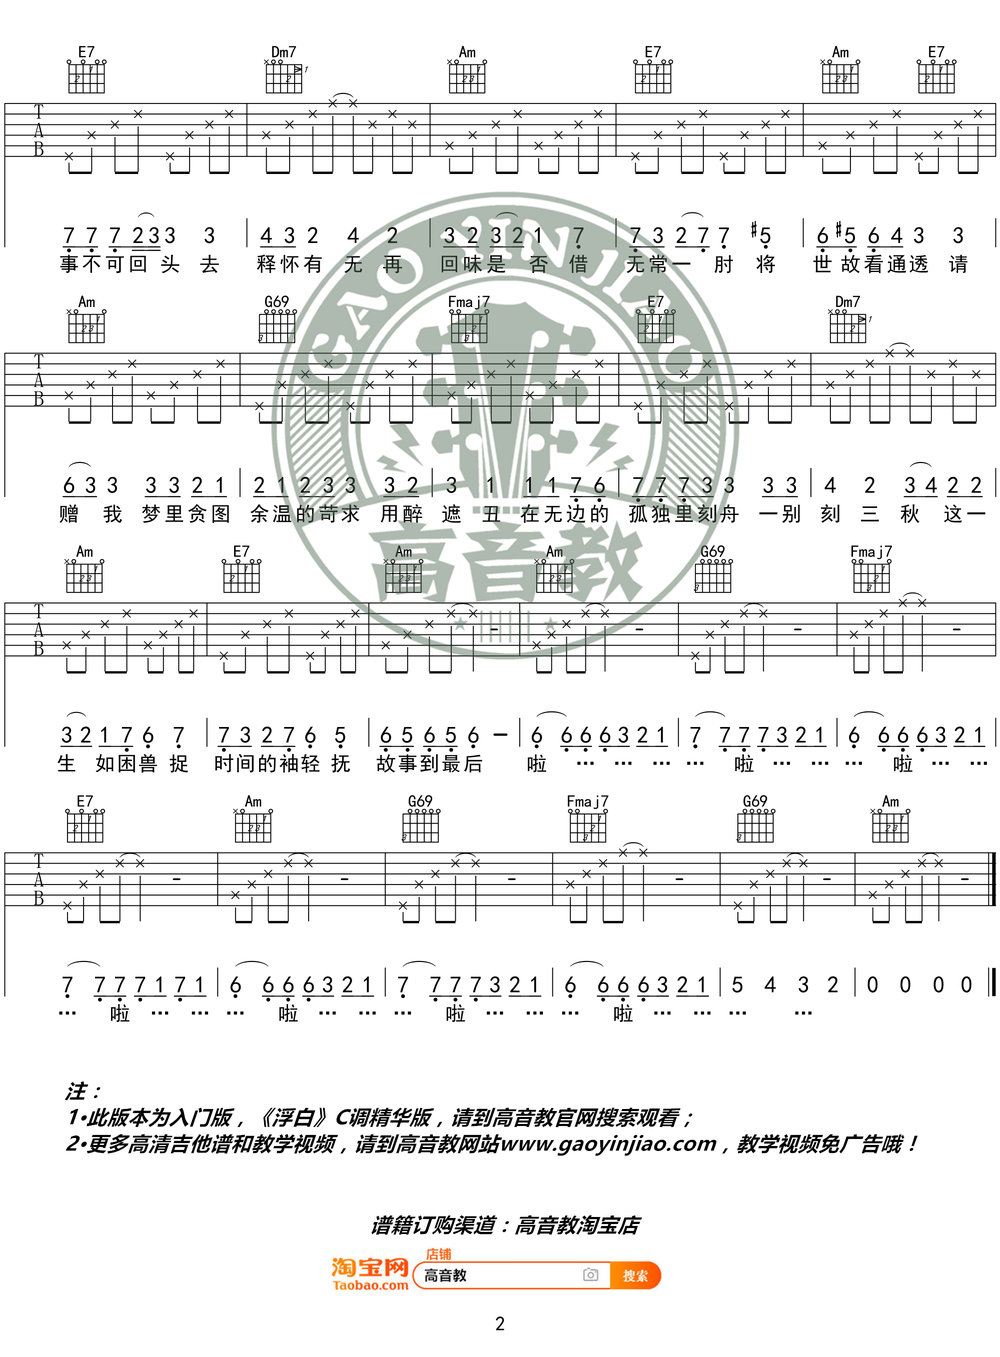 浮白-花粥-图片吉他谱-2